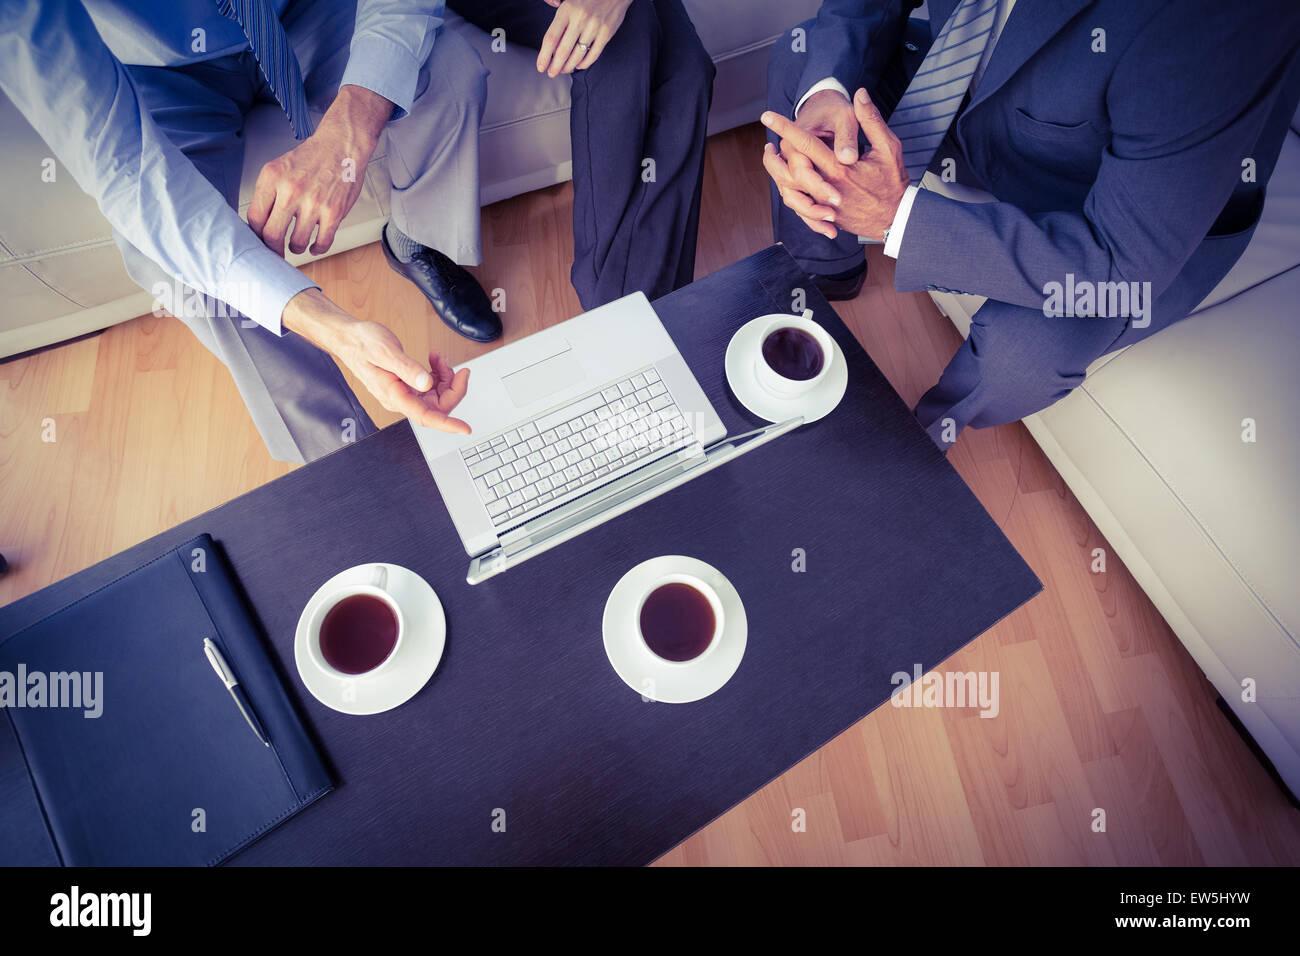 La gente di affari avente una riunione Immagini Stock